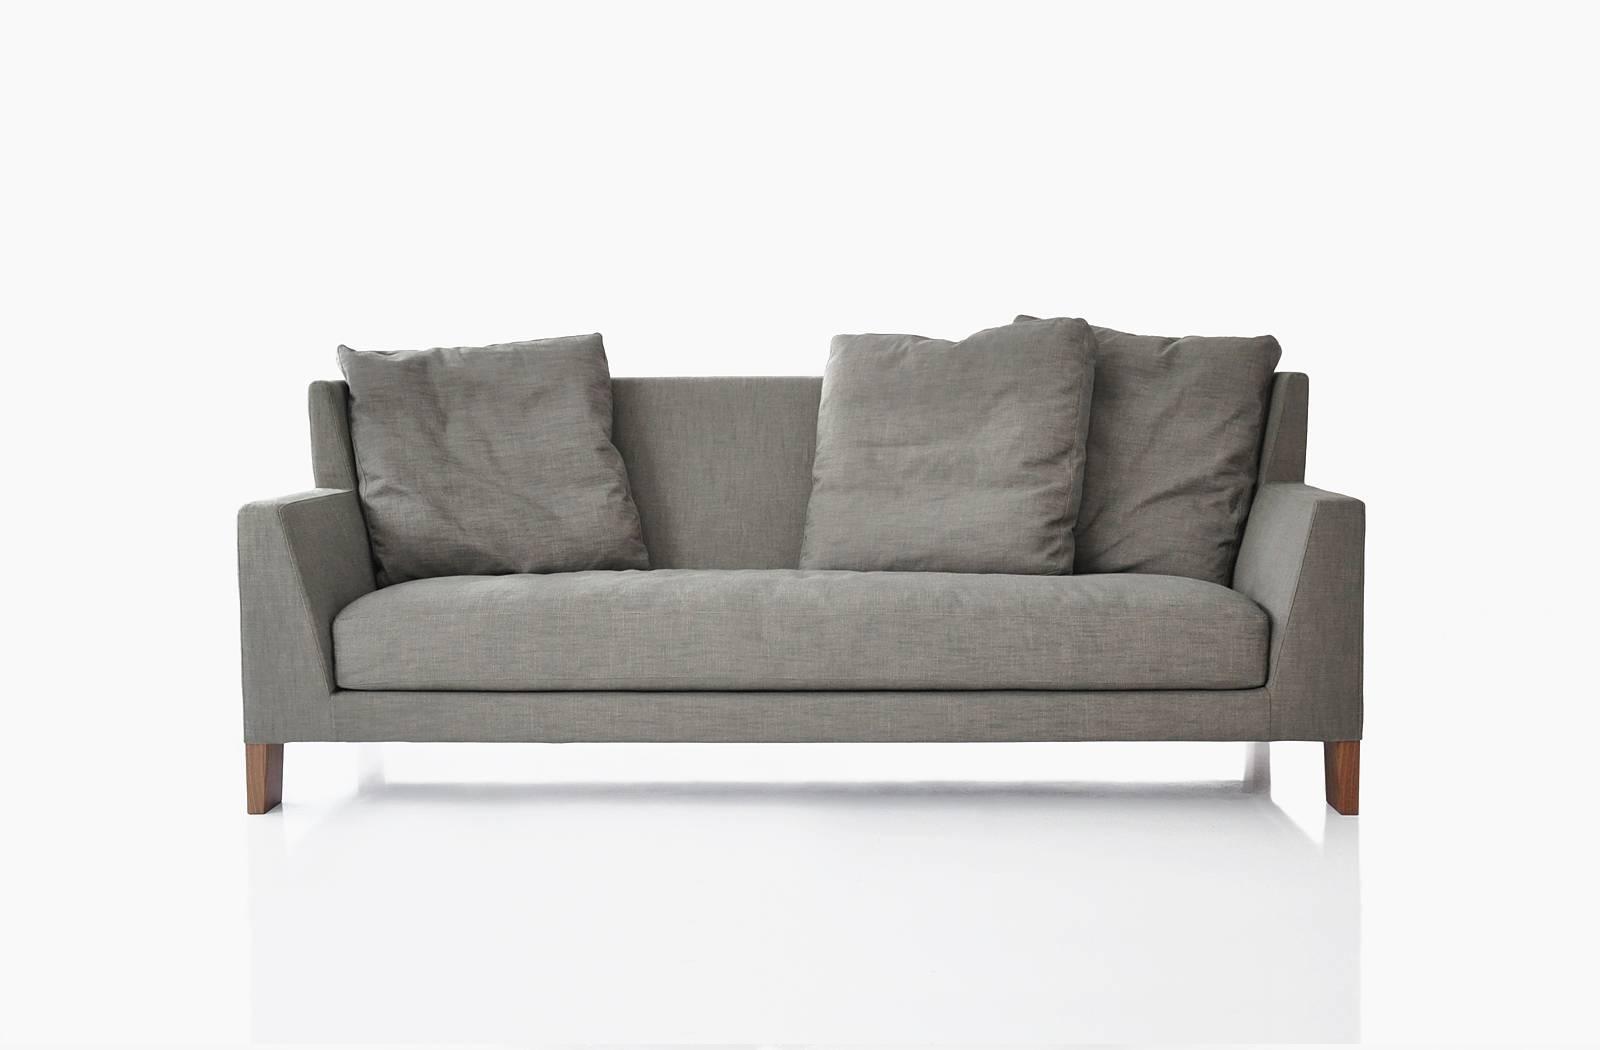 Morgan | Bensen for Bensen Sofas (Image 12 of 15)